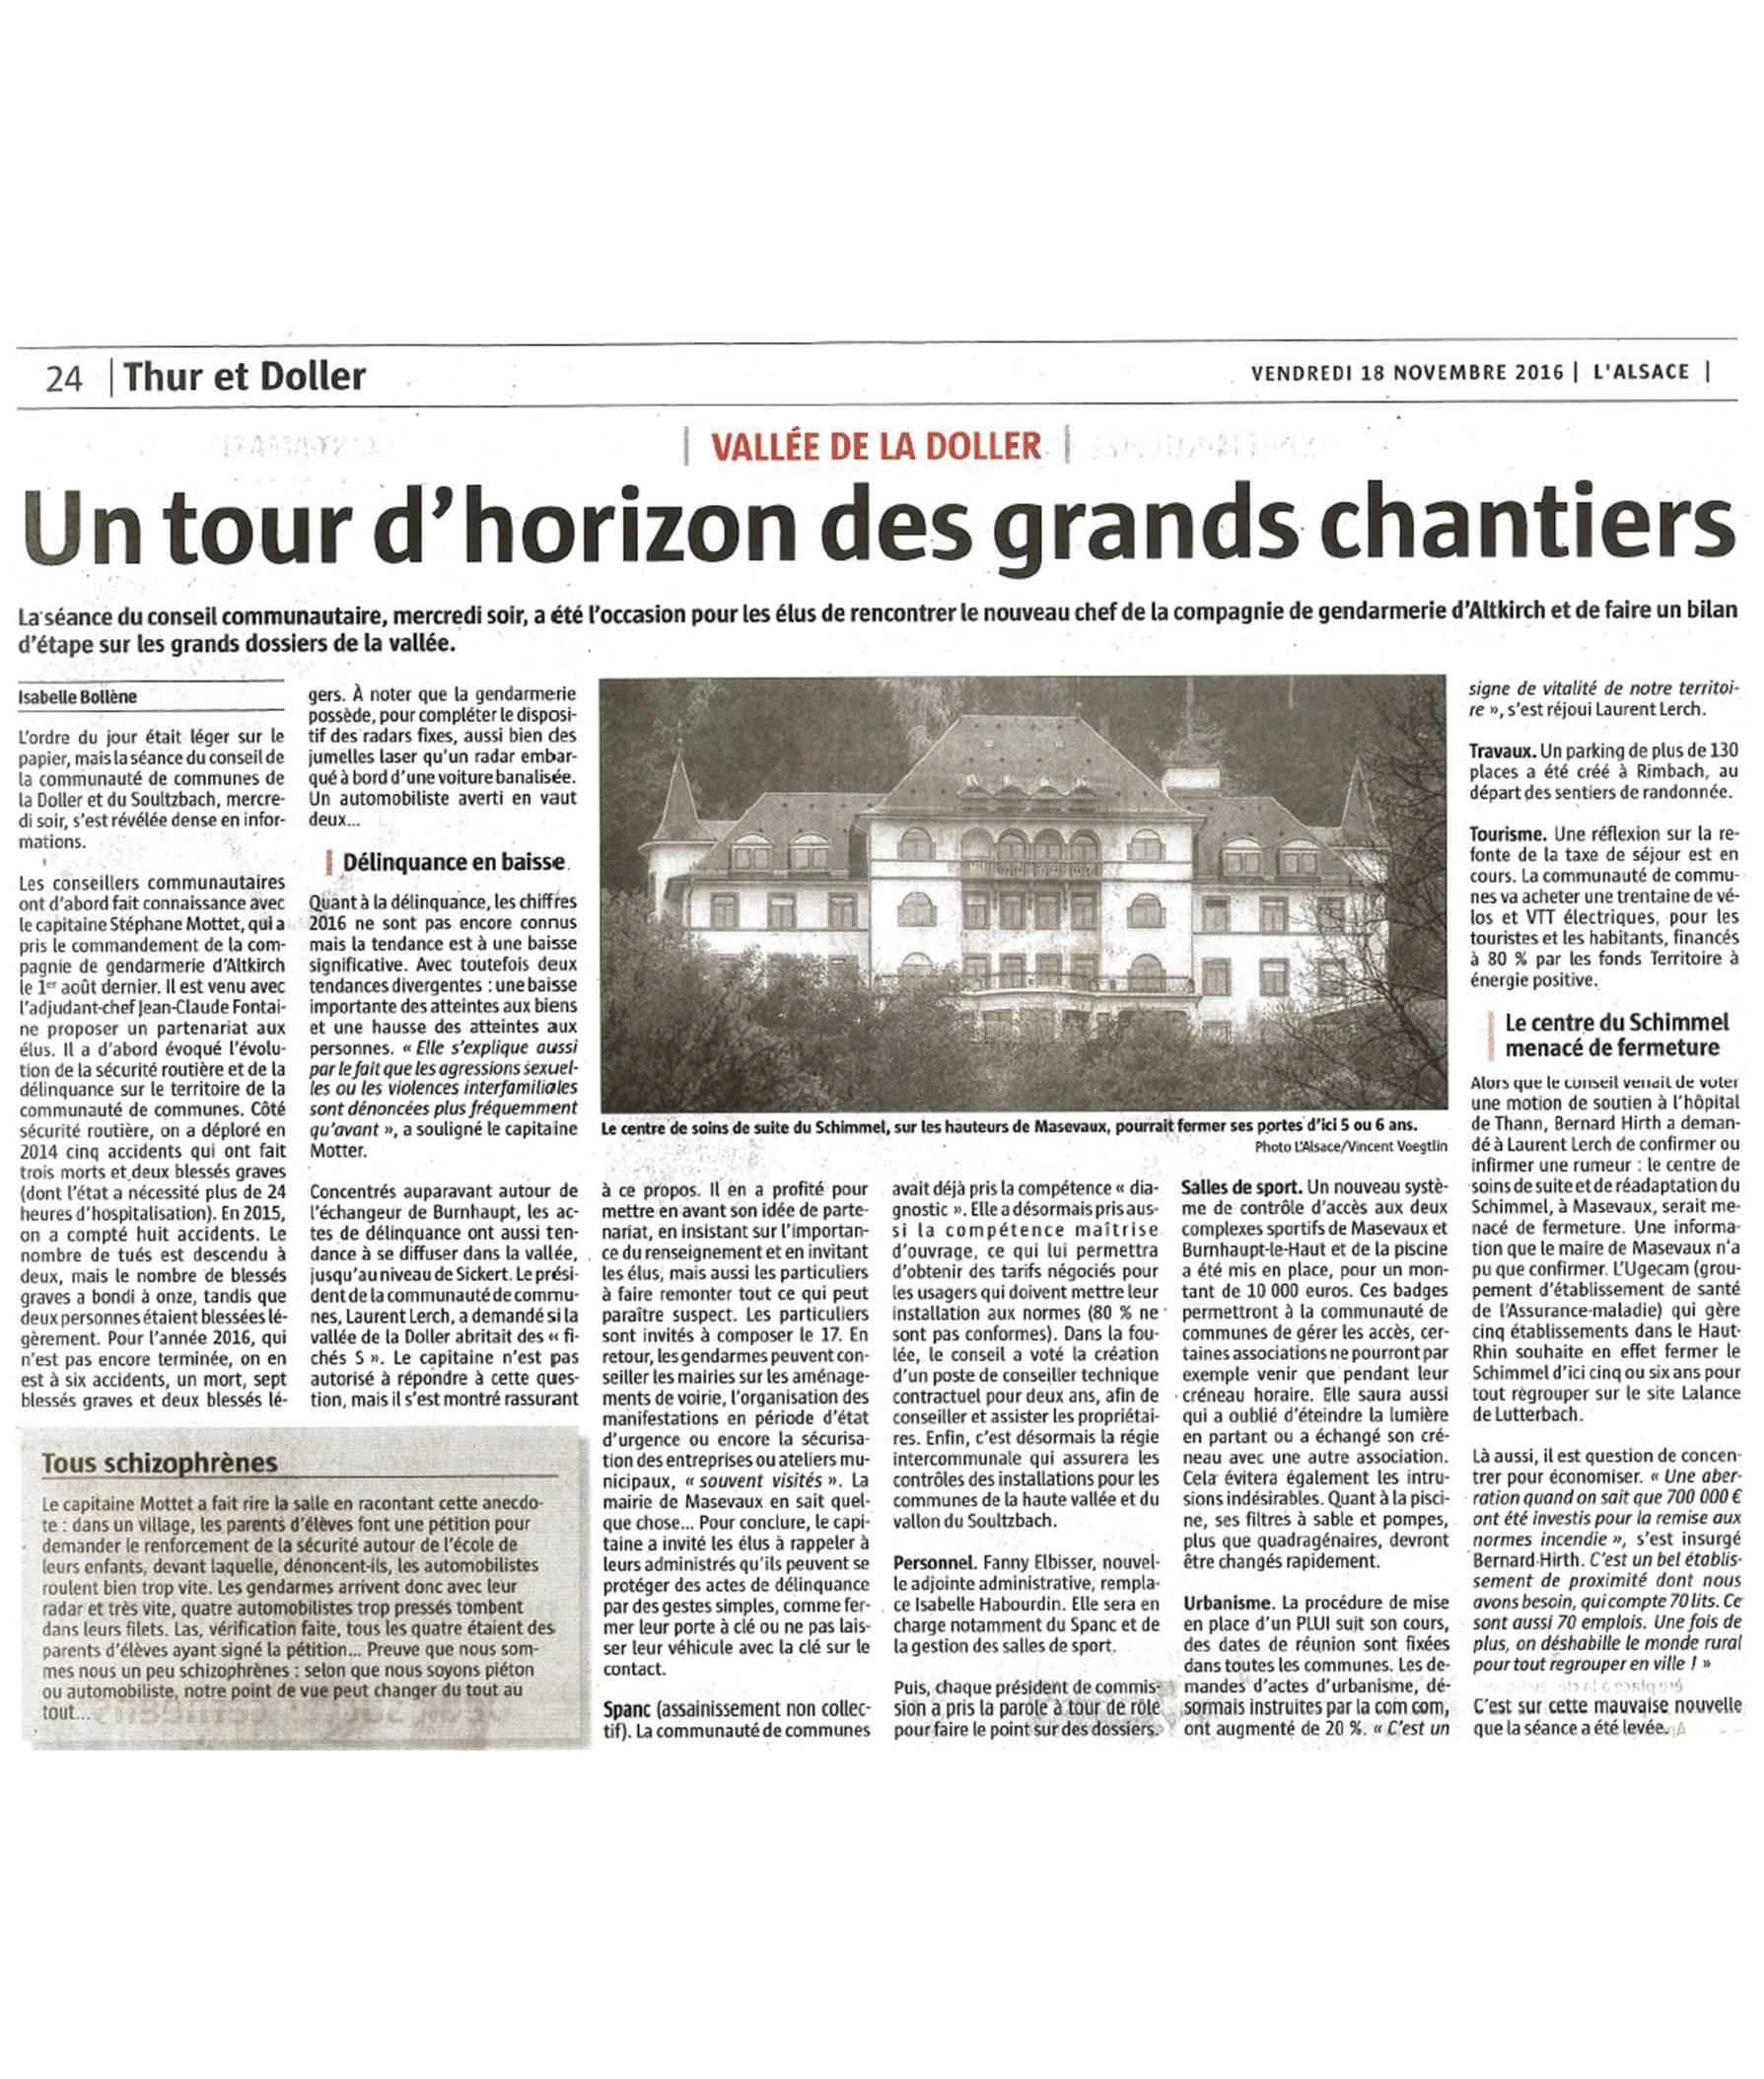 Un tour d'horizon des grands chantiers - L'Alsace (18-11-2016)